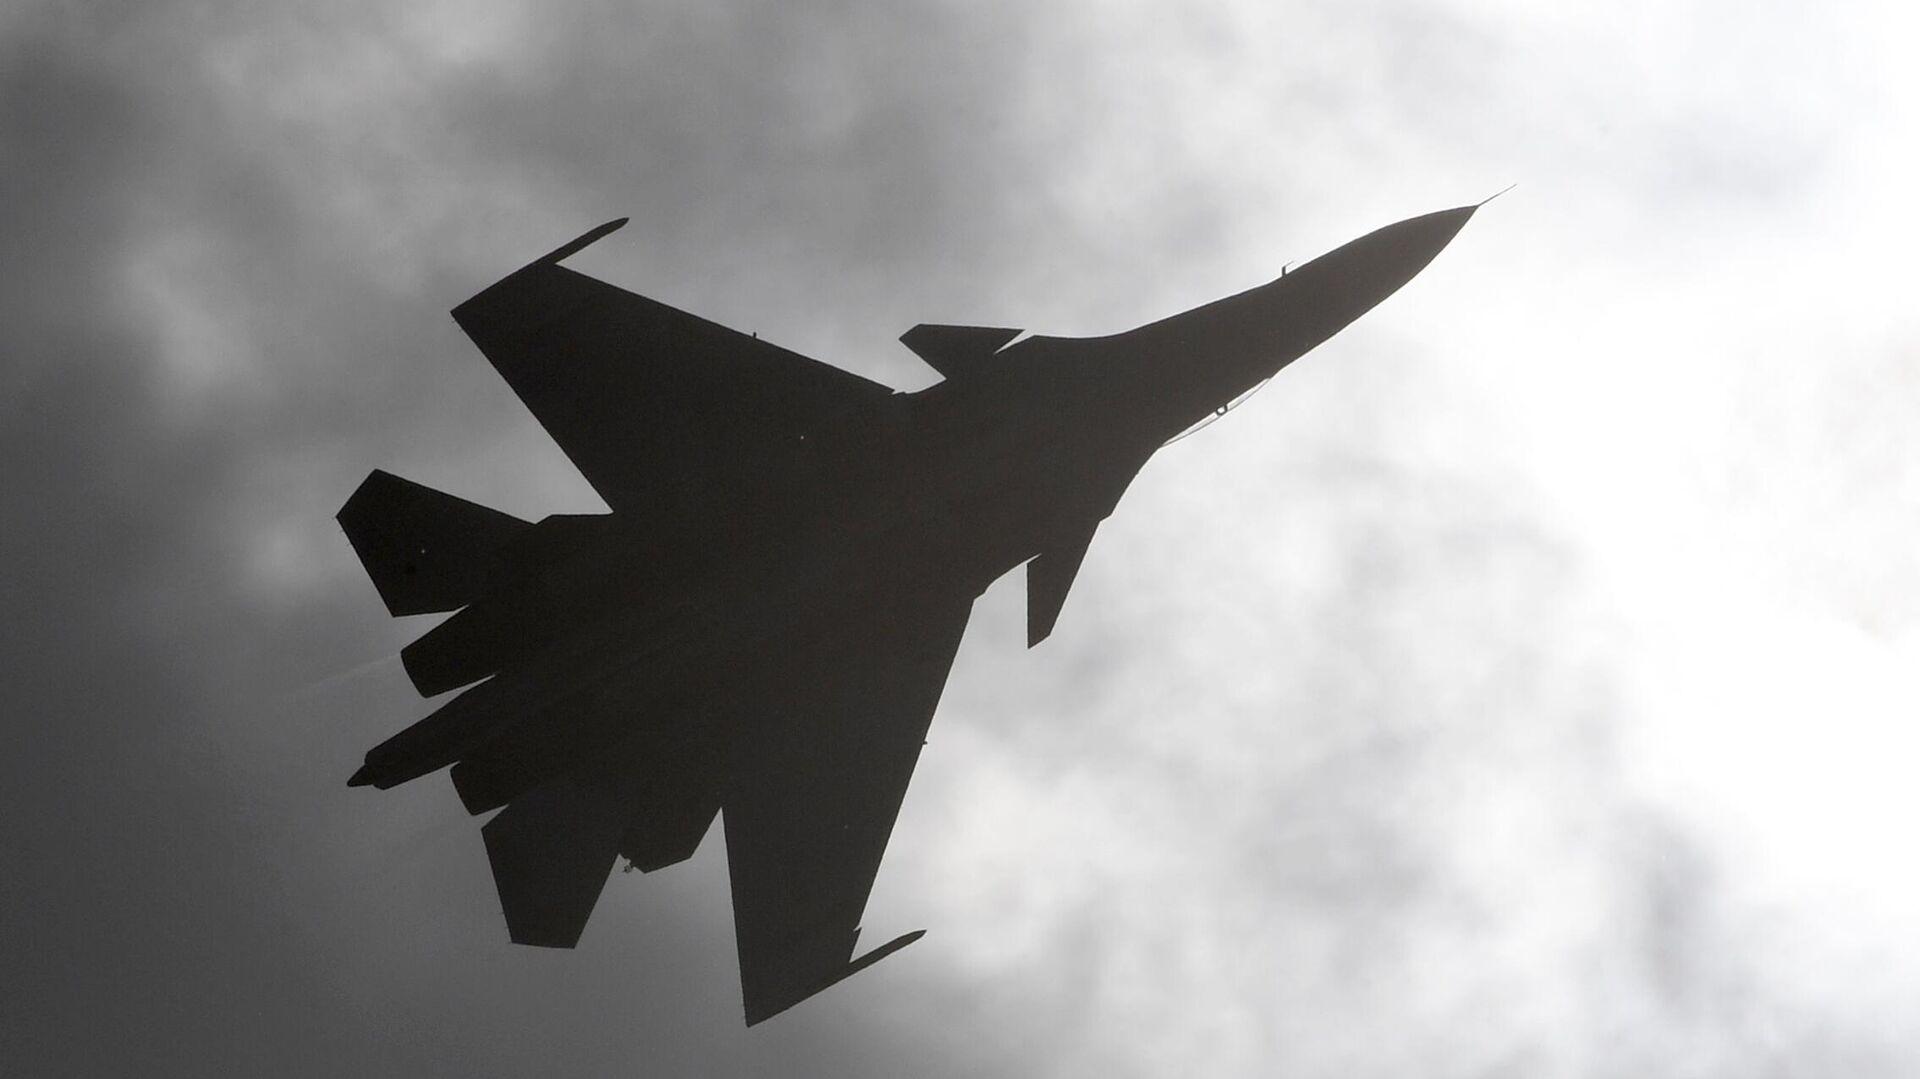 В Крыму два летчика совершили катапультирование из стоящего на земле Су-30СМ